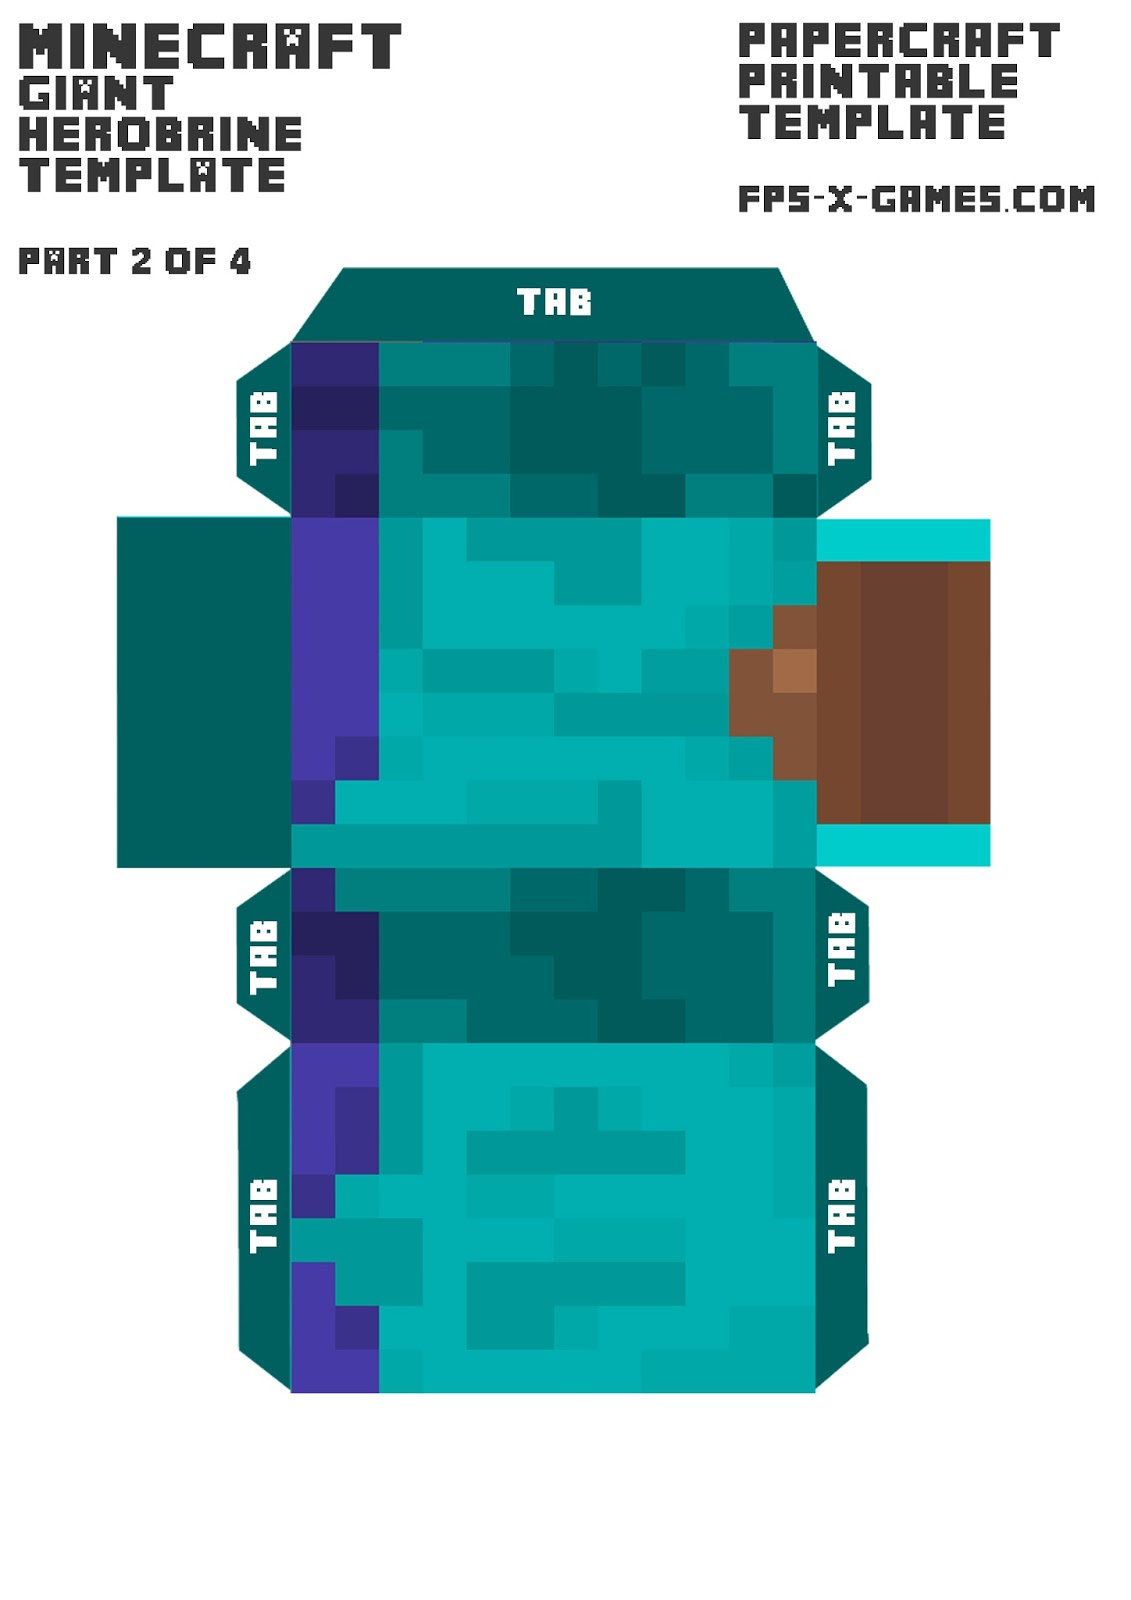 Minecraft Papercraft Herobrine Head